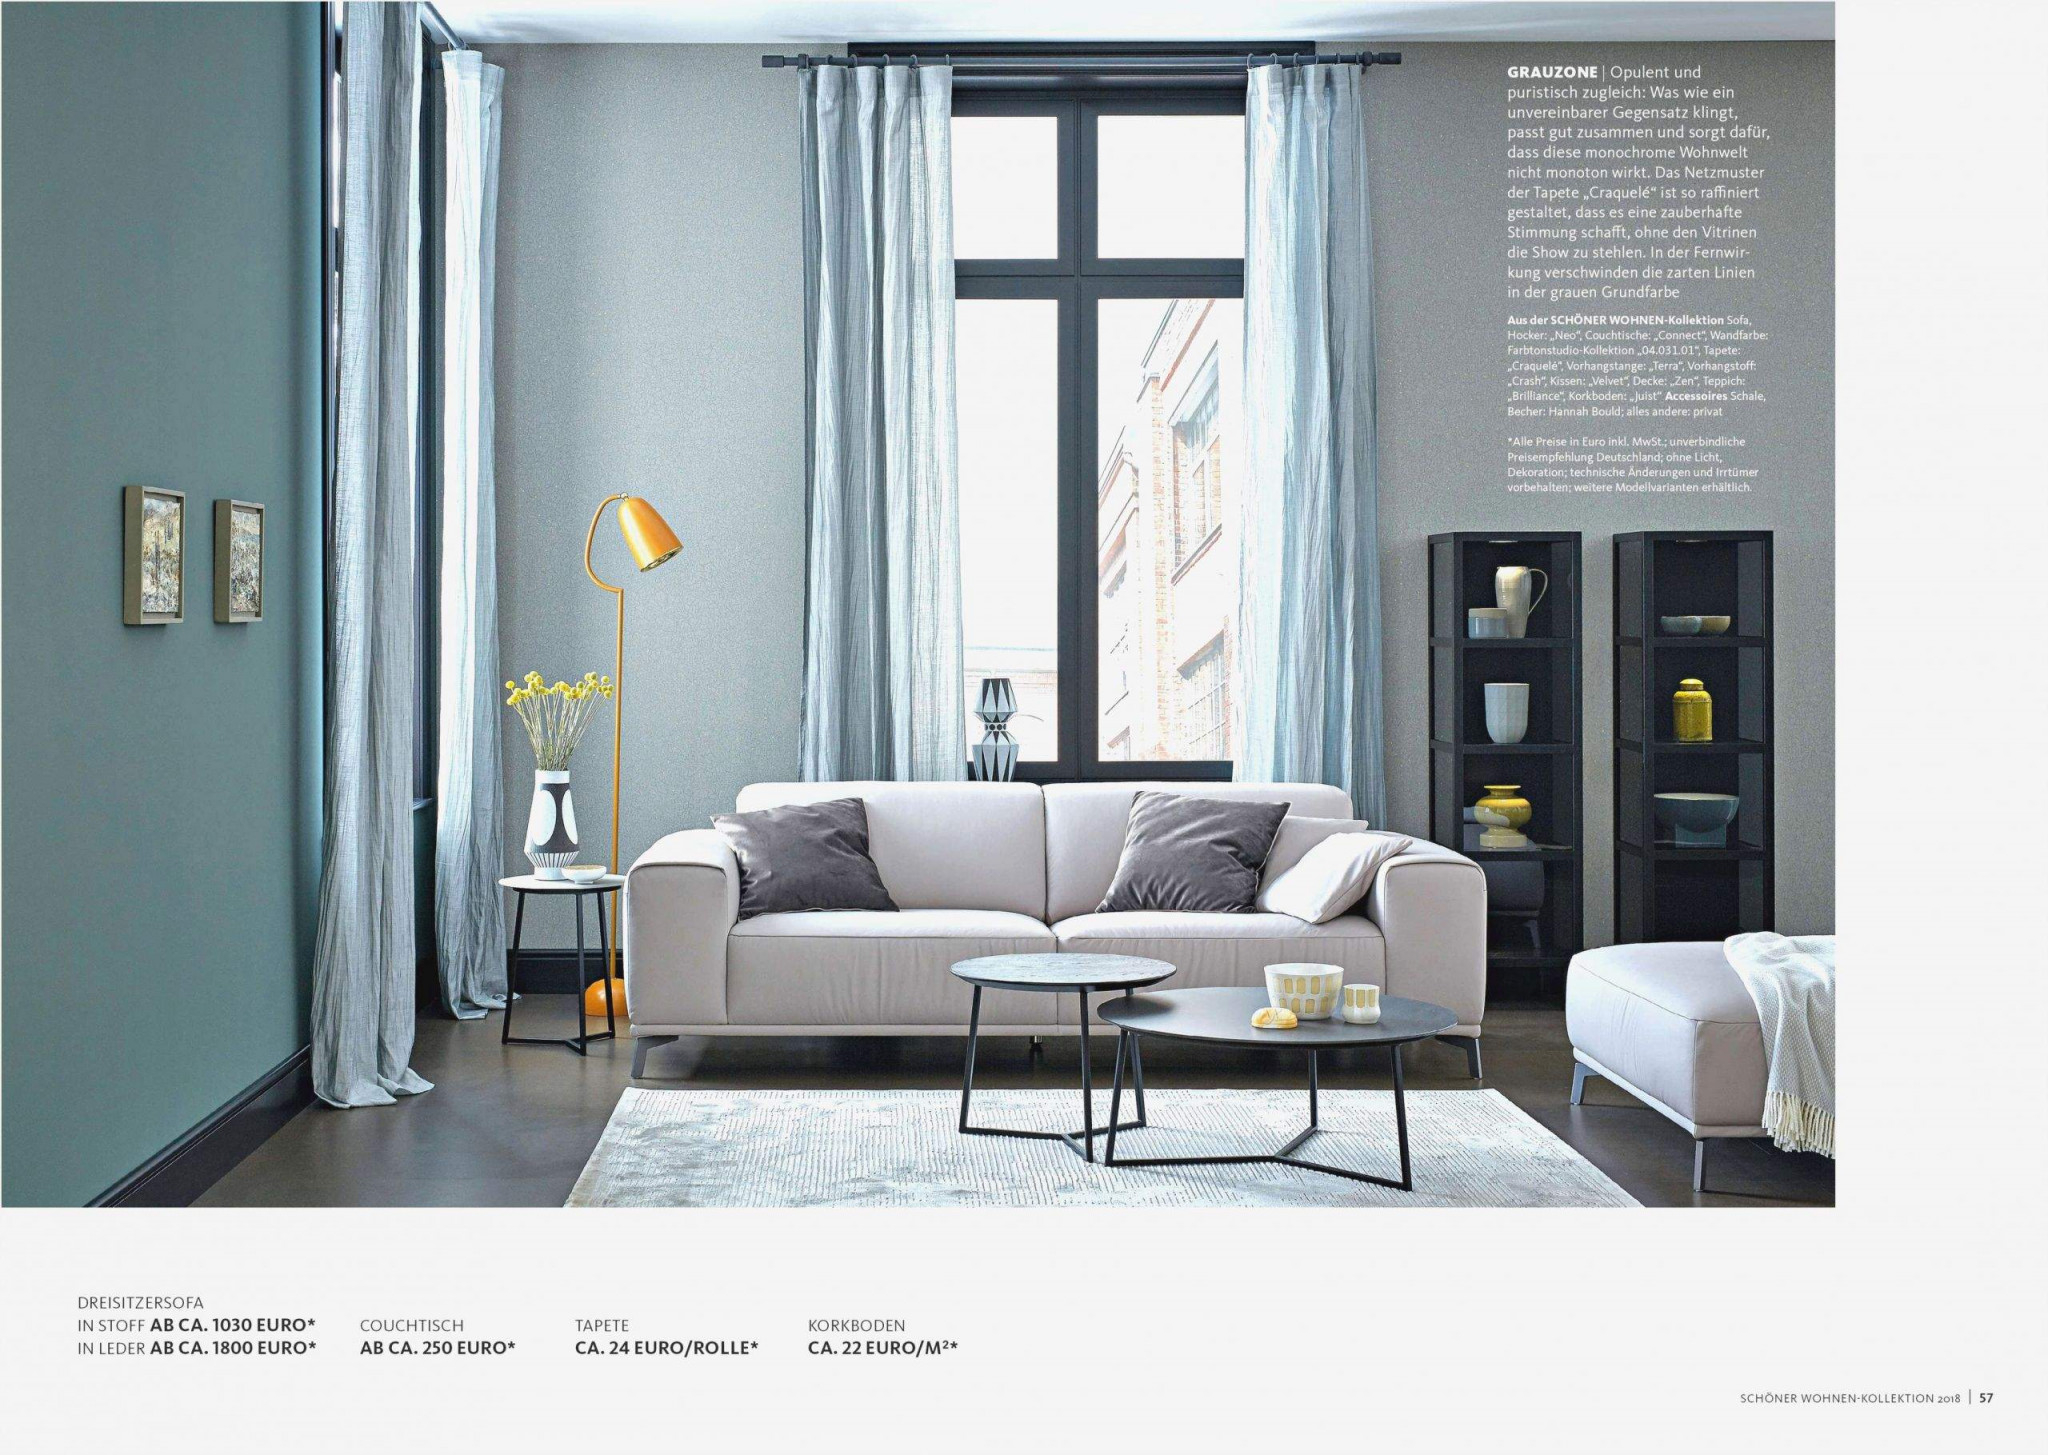 Blaues Wohnzimmer Elegant Deko Blau Wohnzimmer Wohnzimmer von Wohnzimmer Deko Blau Photo